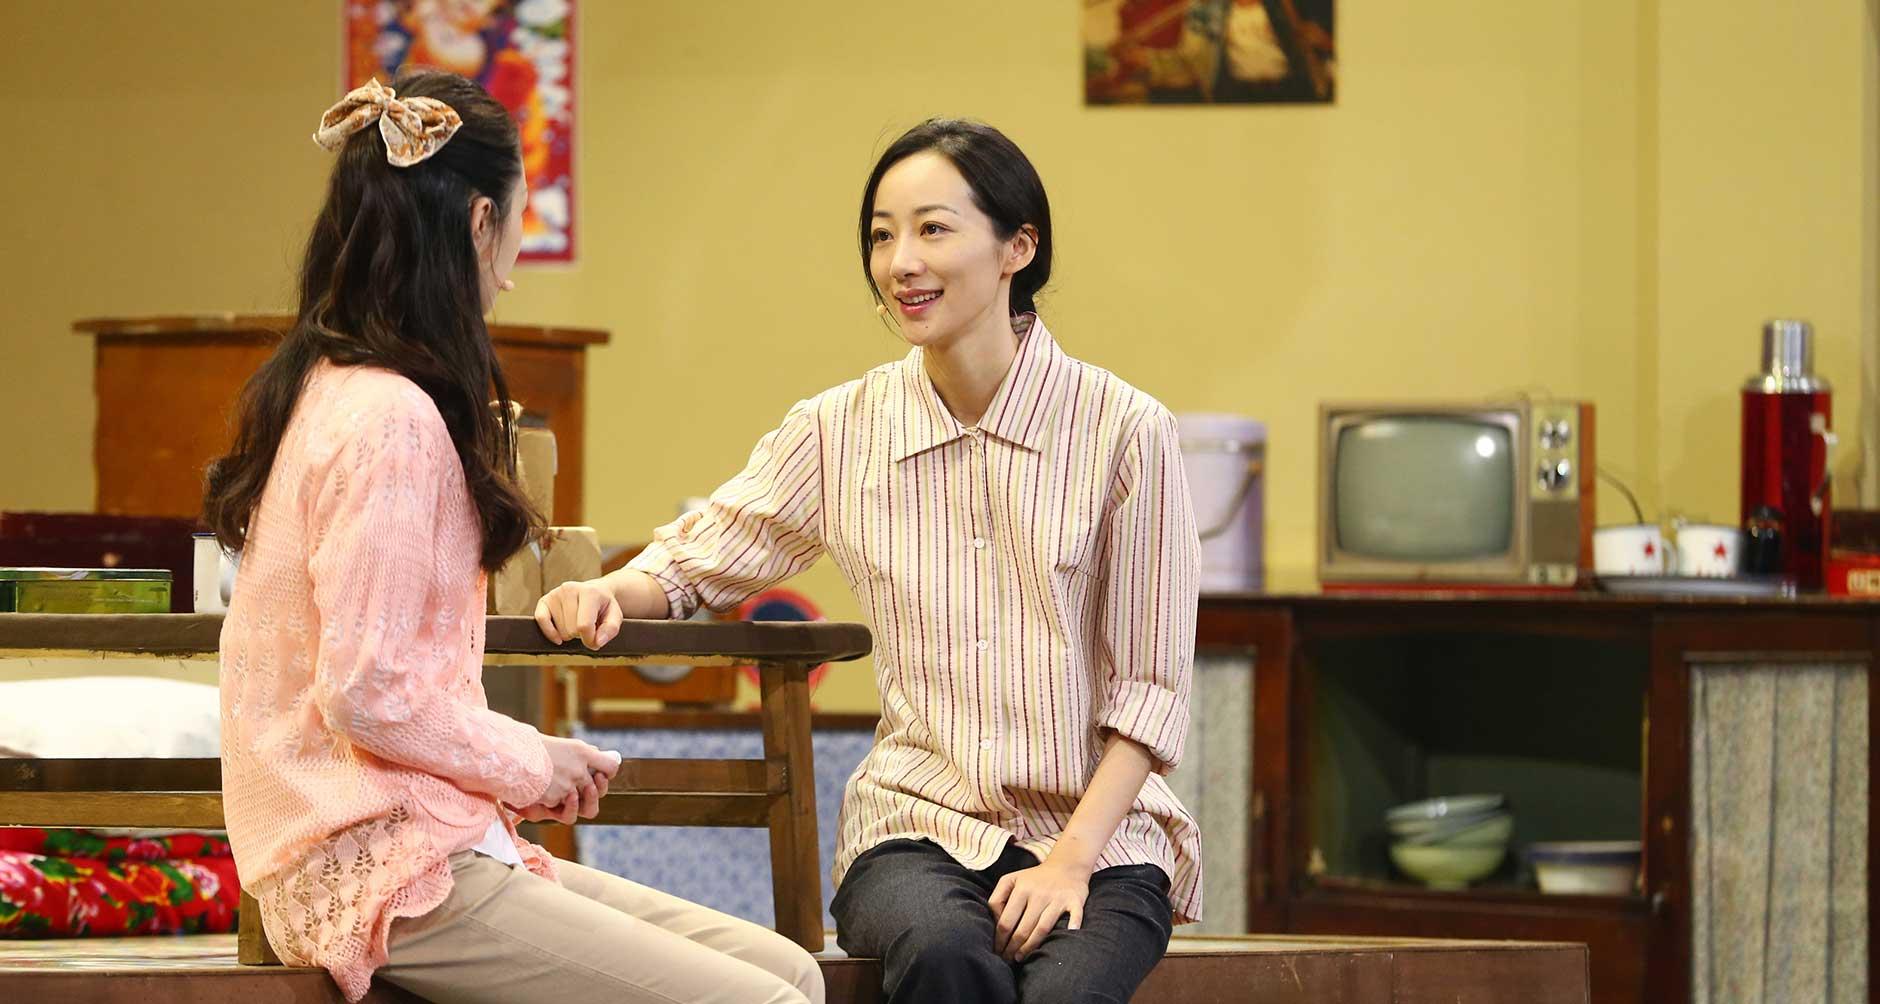 《我就是演员》 陈凯歌张纪中再出难题惊倒章子怡